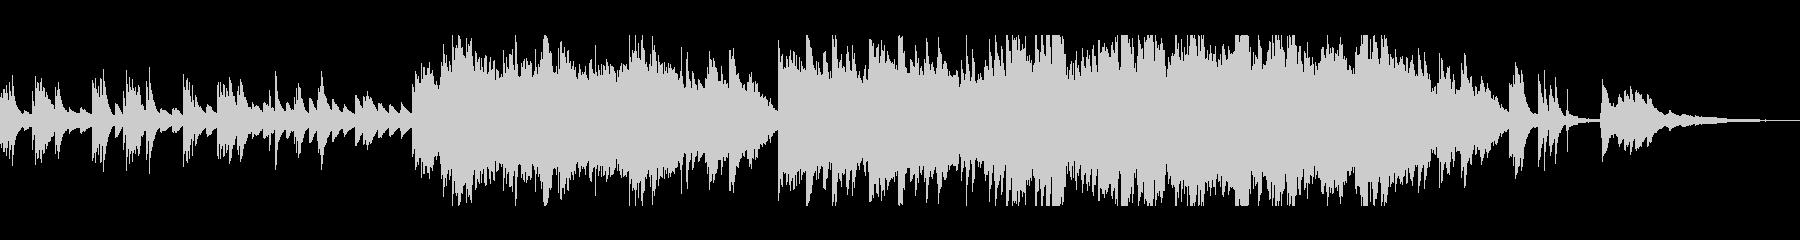 ピアノとストリングスの優しいサウンドの未再生の波形